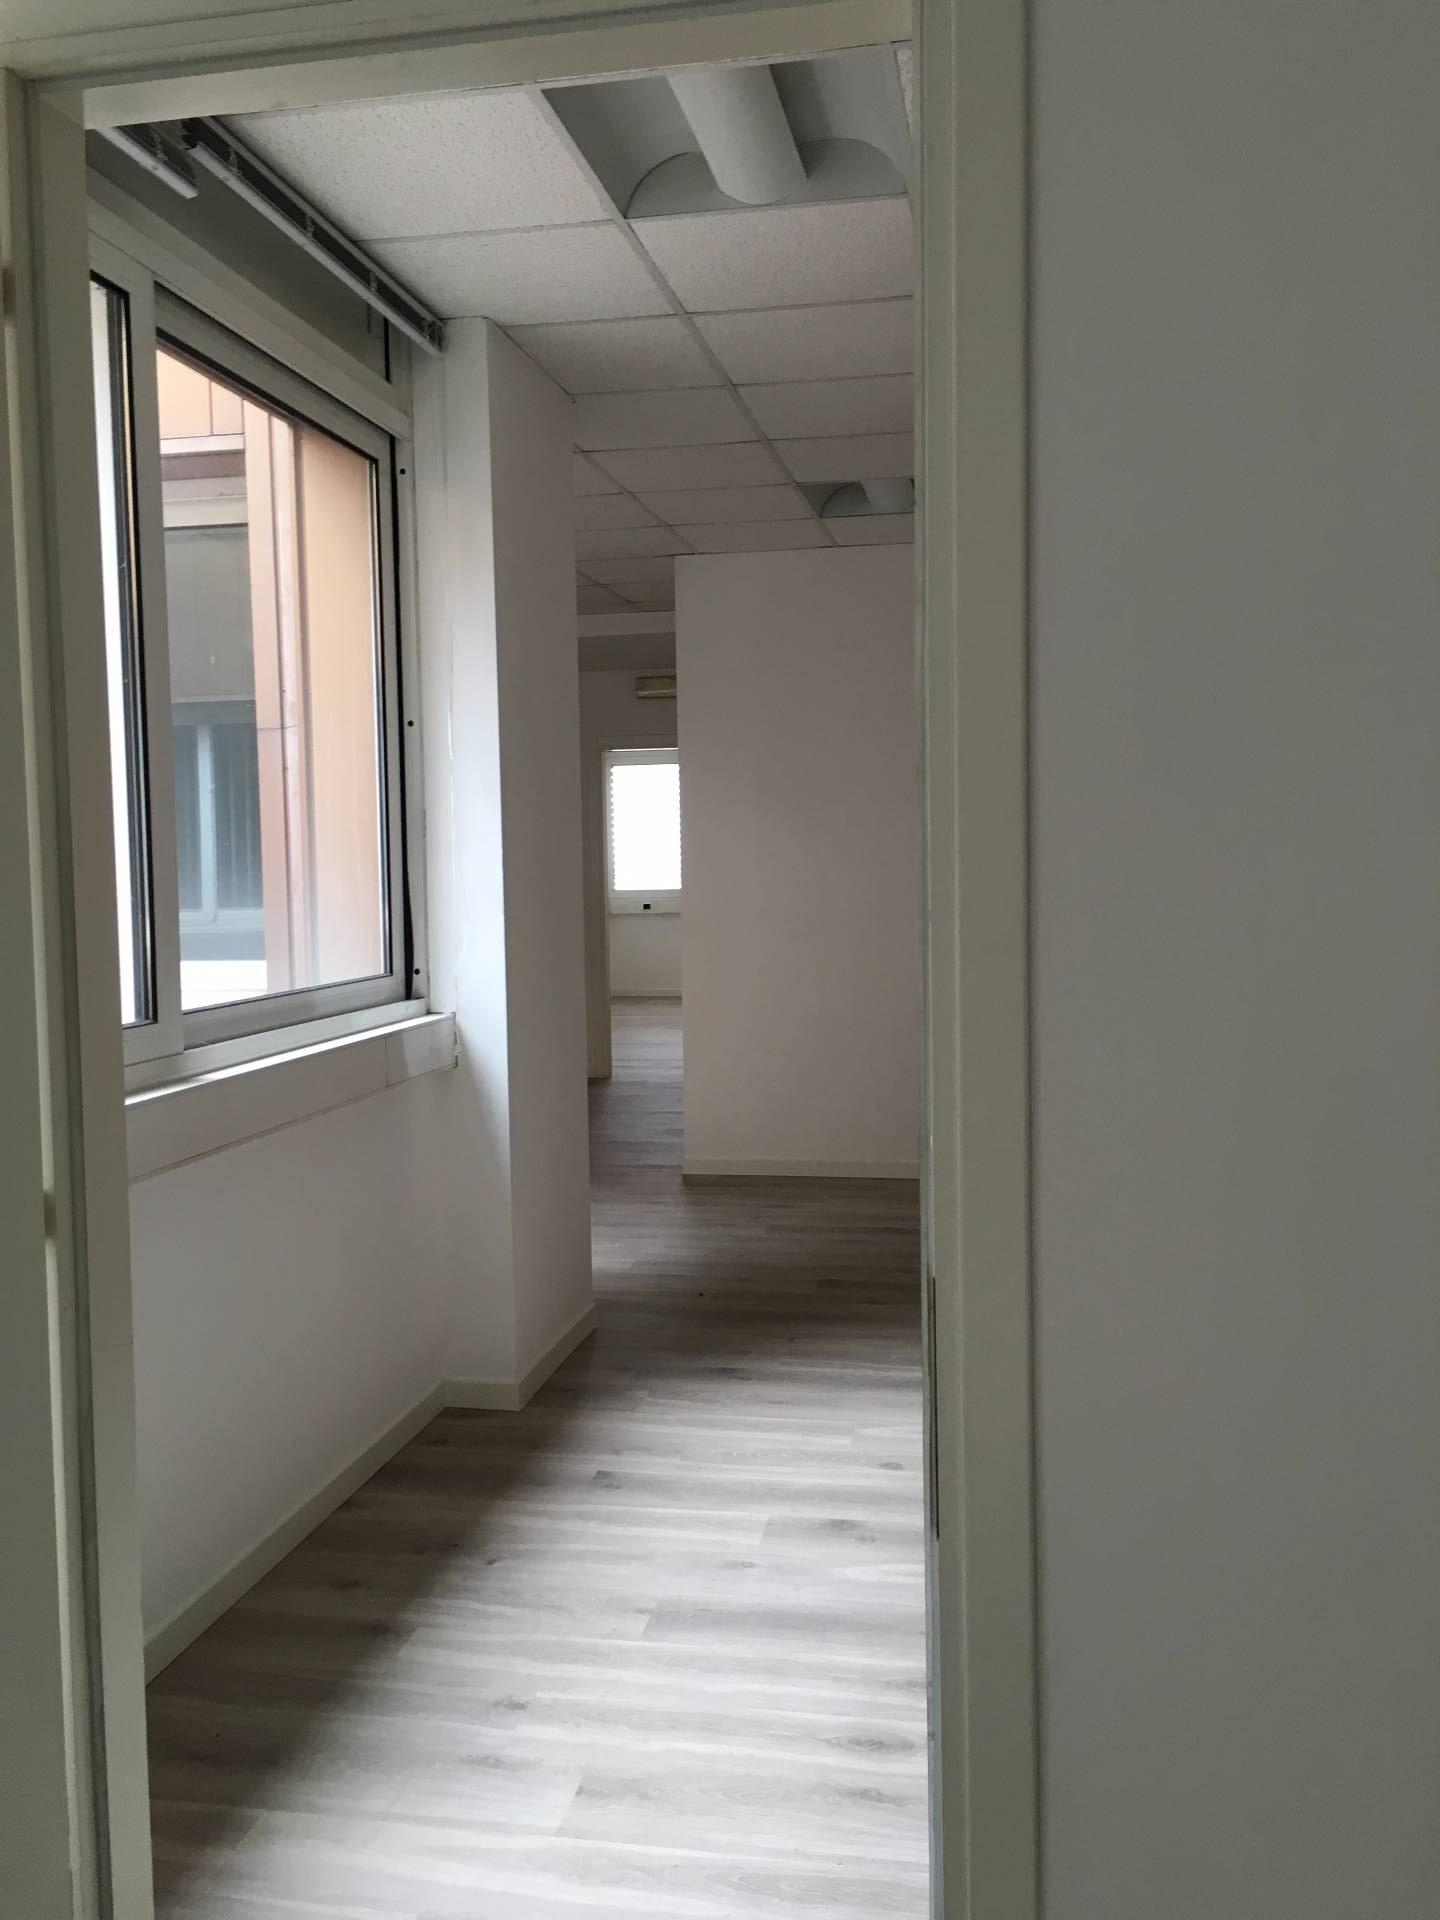 Ufficio / Studio in affitto a Villorba, 9999 locali, zona Zona: Lancenigo, prezzo € 1.800 | CambioCasa.it